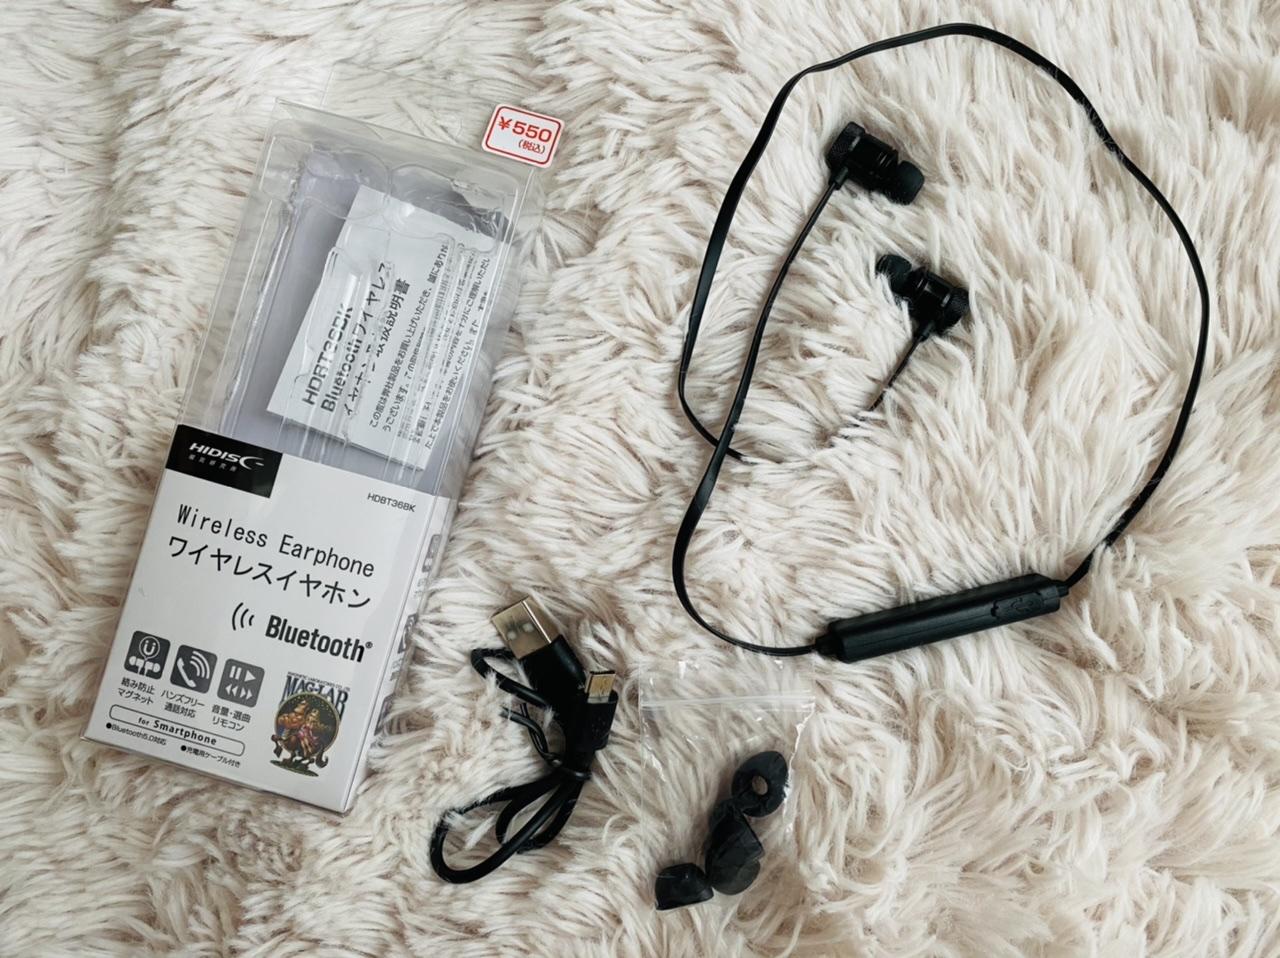 【ダイソー】衝撃の500円!?コスパ最強《Bluetoothワイヤレスイヤホン》が超優秀♡_2